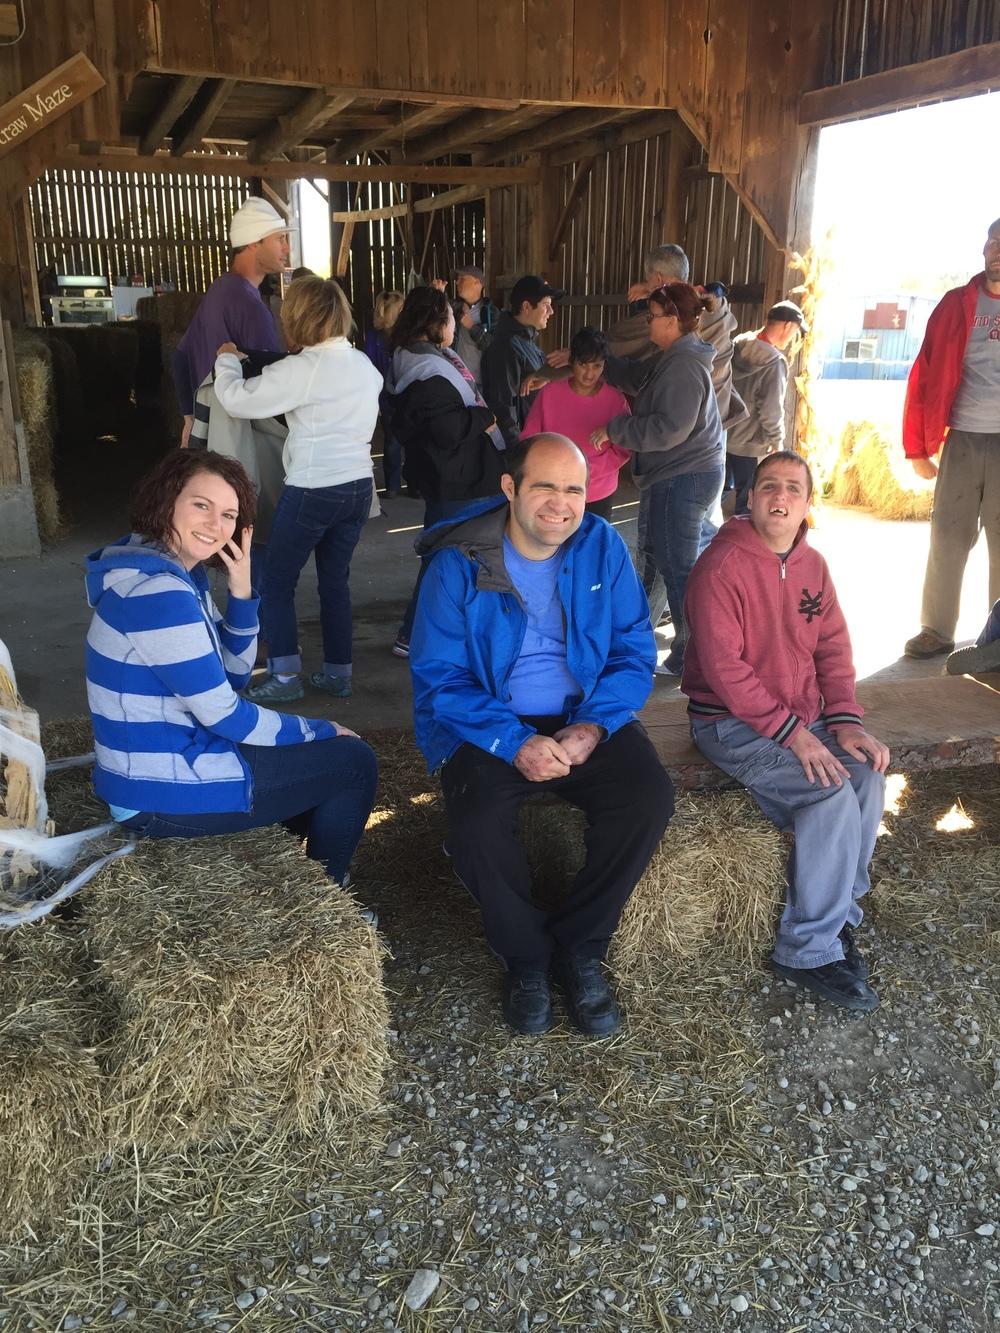 crowd in barn2.jpg